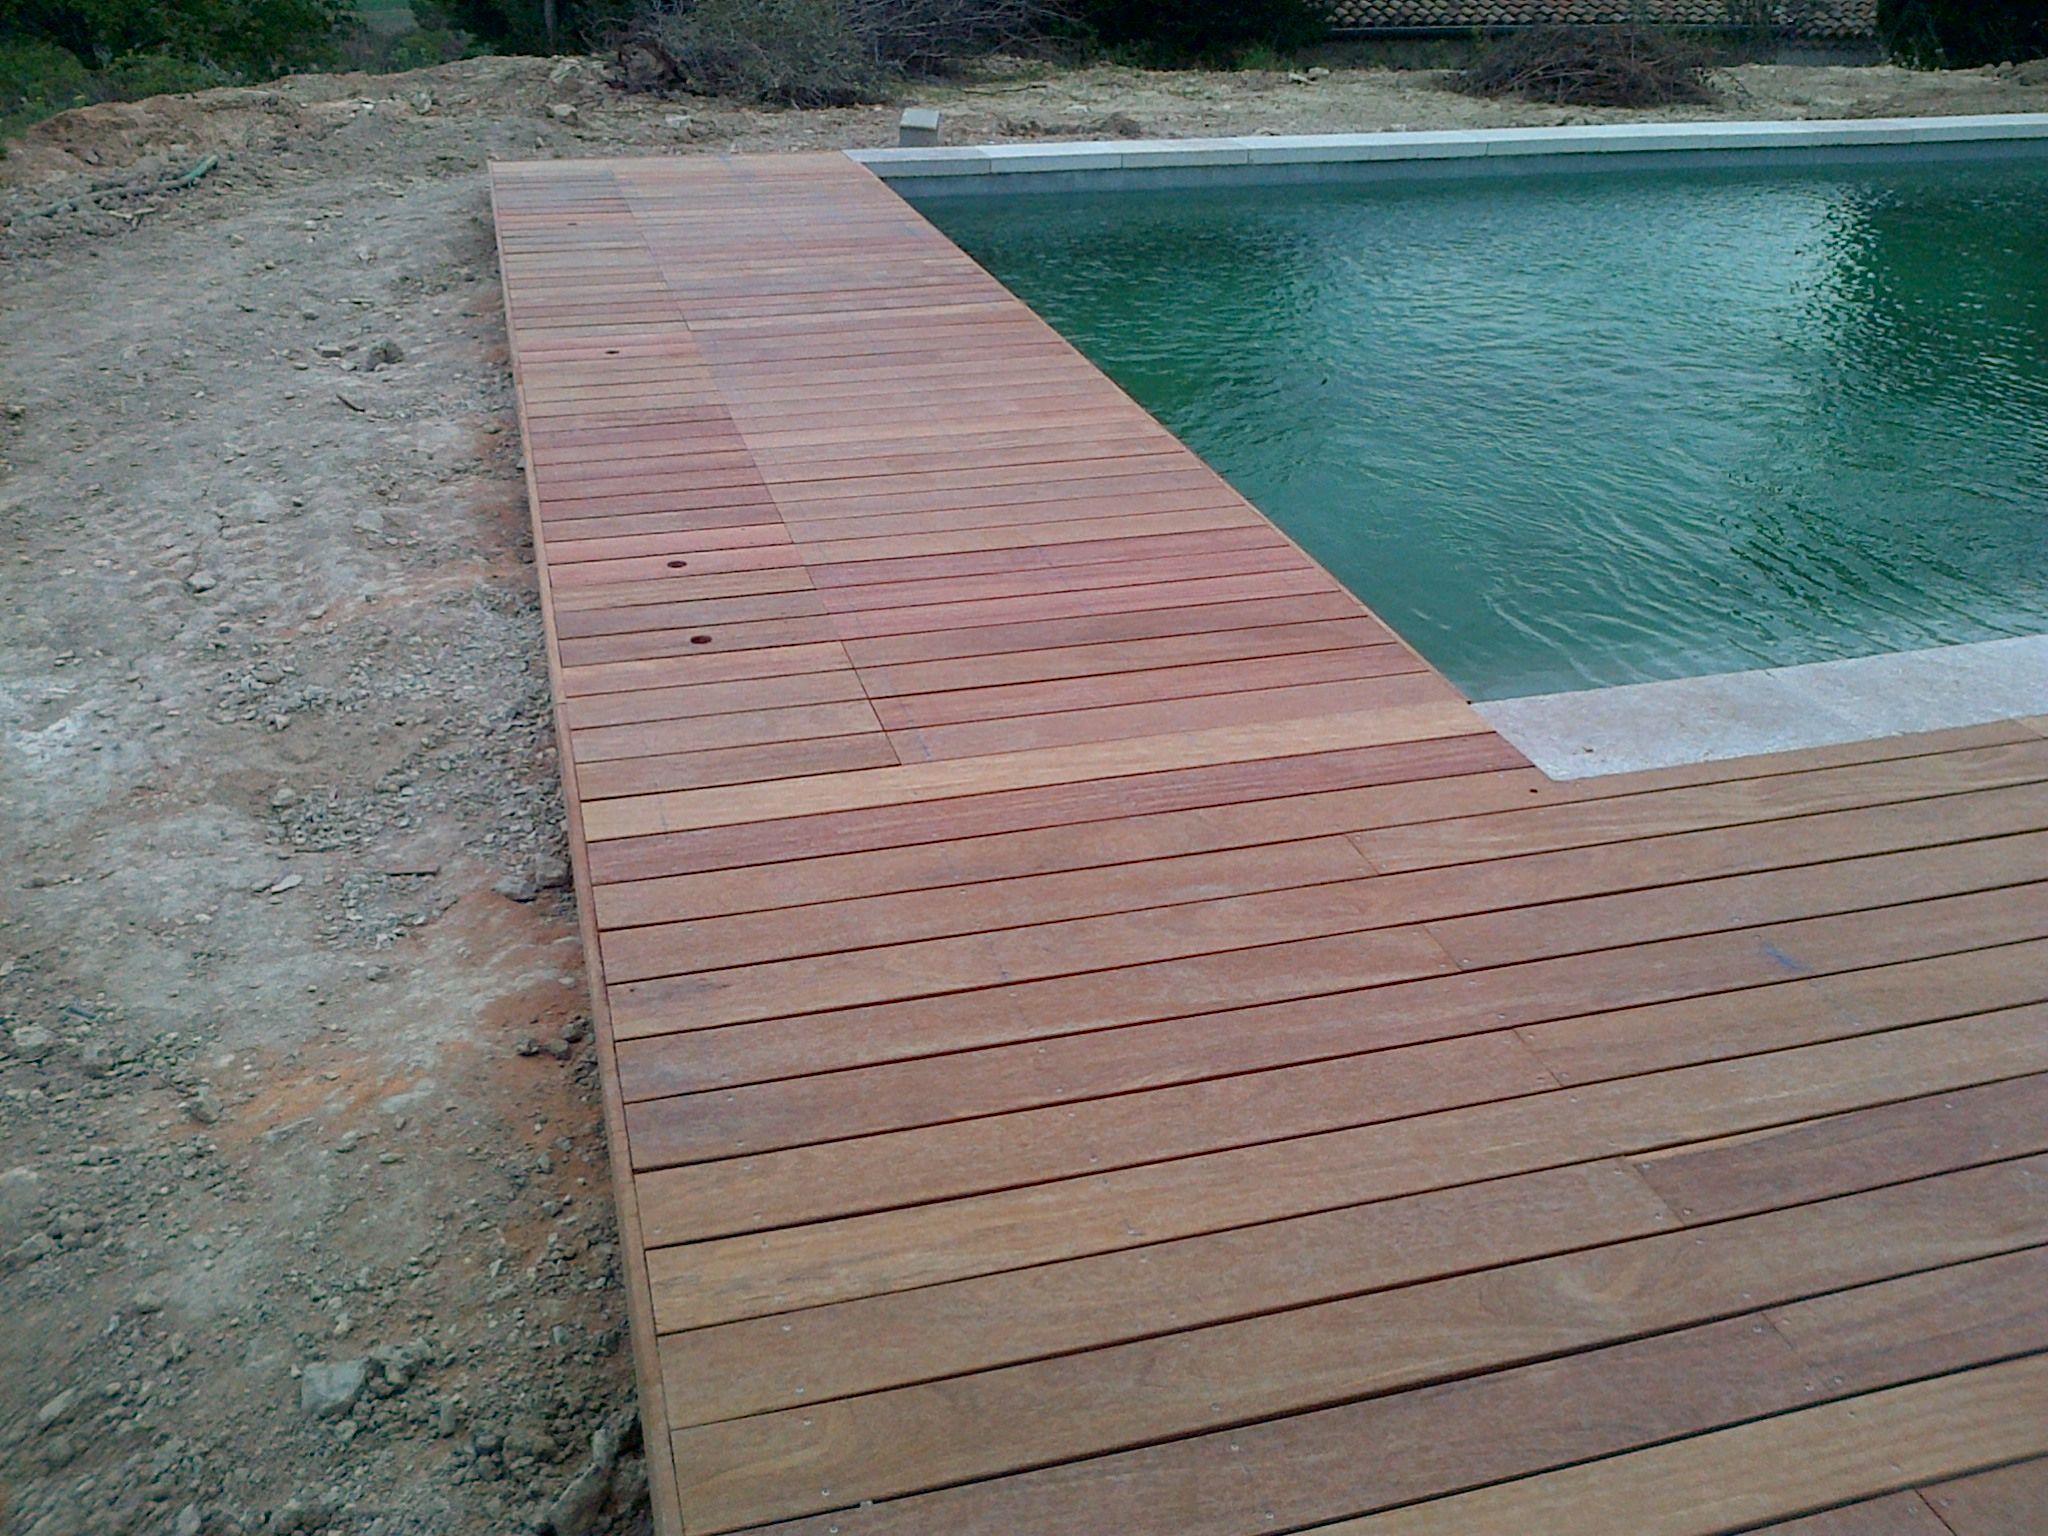 Tour de piscine en bois exotique dans les bouche du rhone 13 piscine piscine bois tour de - Tour de piscine en bois ...